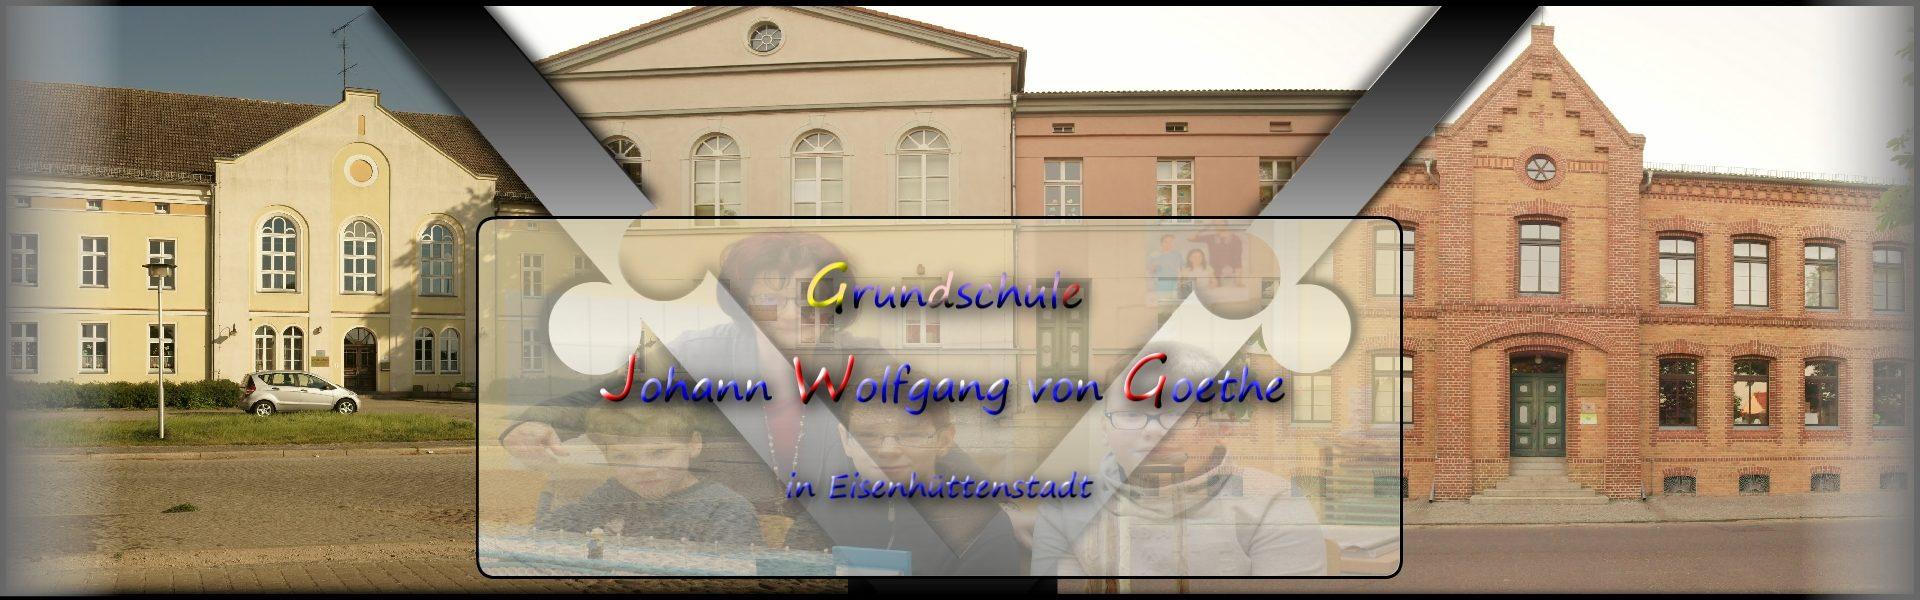 Grundschule Johann Wolfgang von Goethe